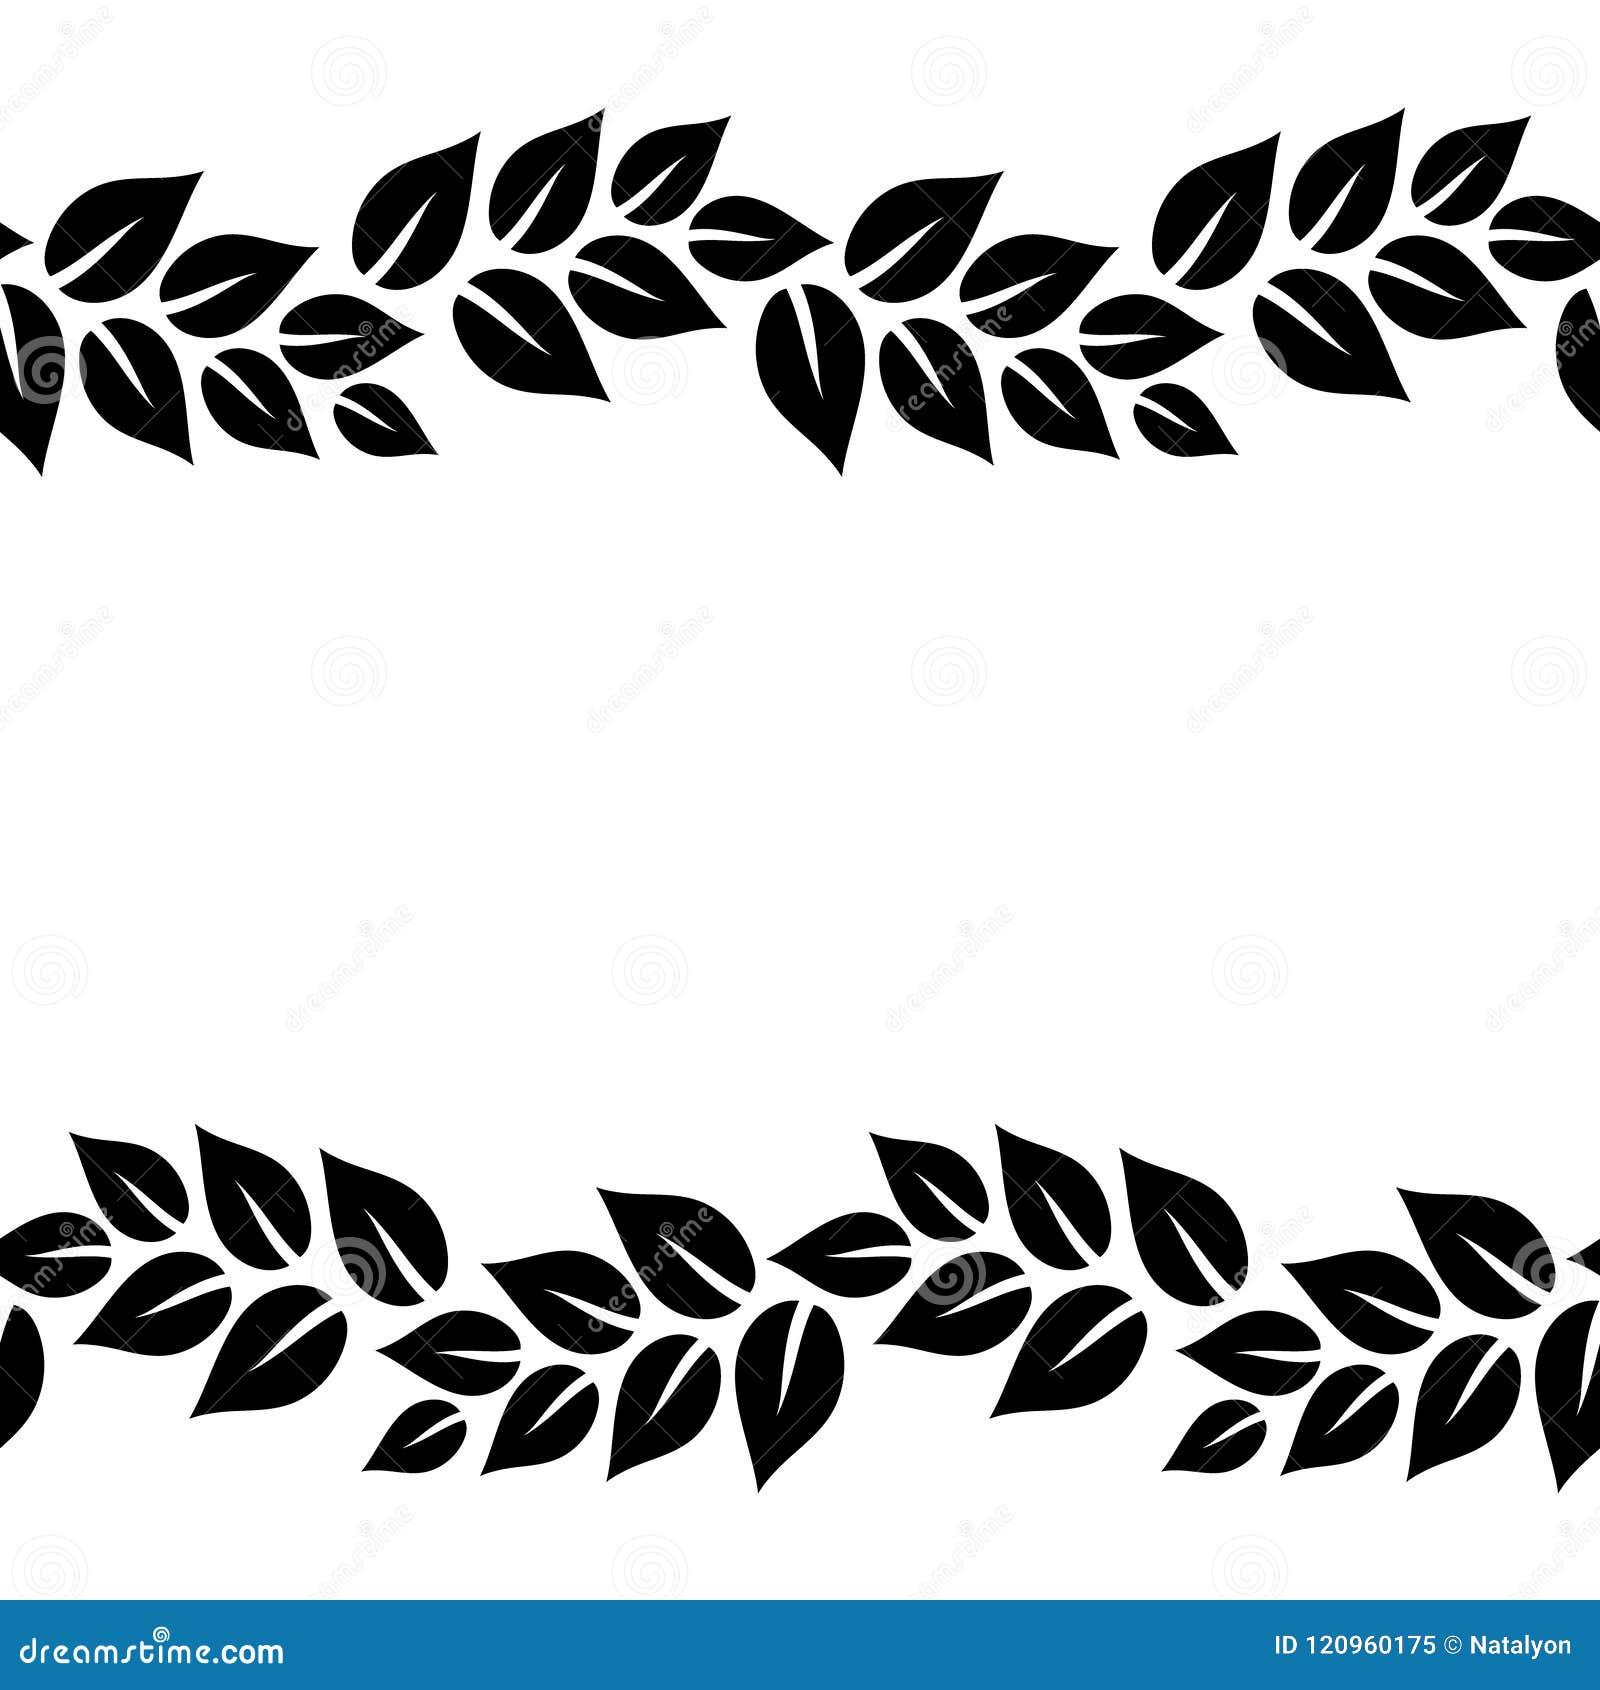 Black And White Elegant Leaves Seamless Border Frame Vector Stock Vector Illustration Of Ribbon Seamless 120960175